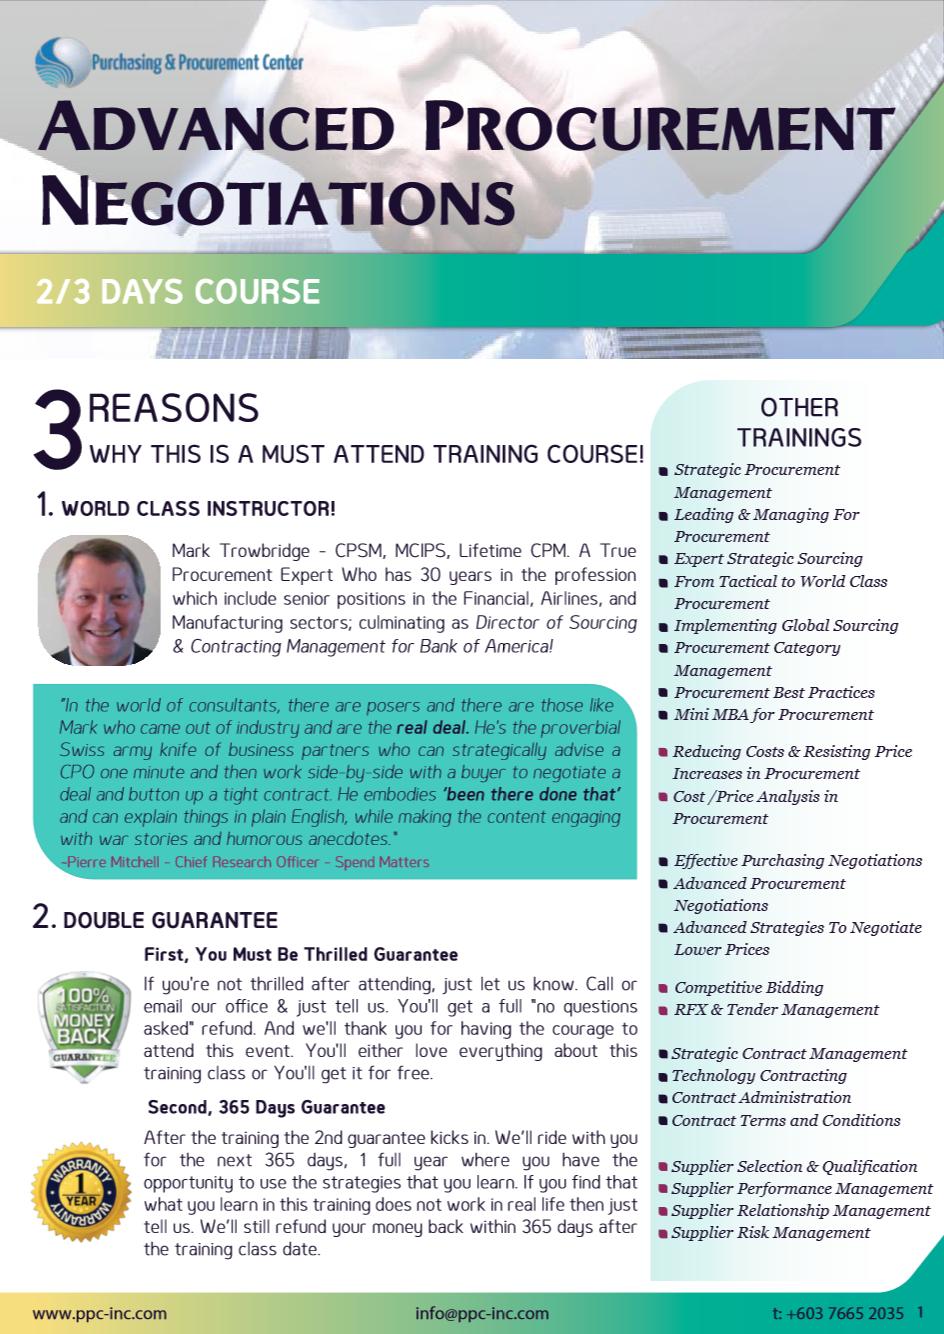 Price Negotiation Letter 6 Steps